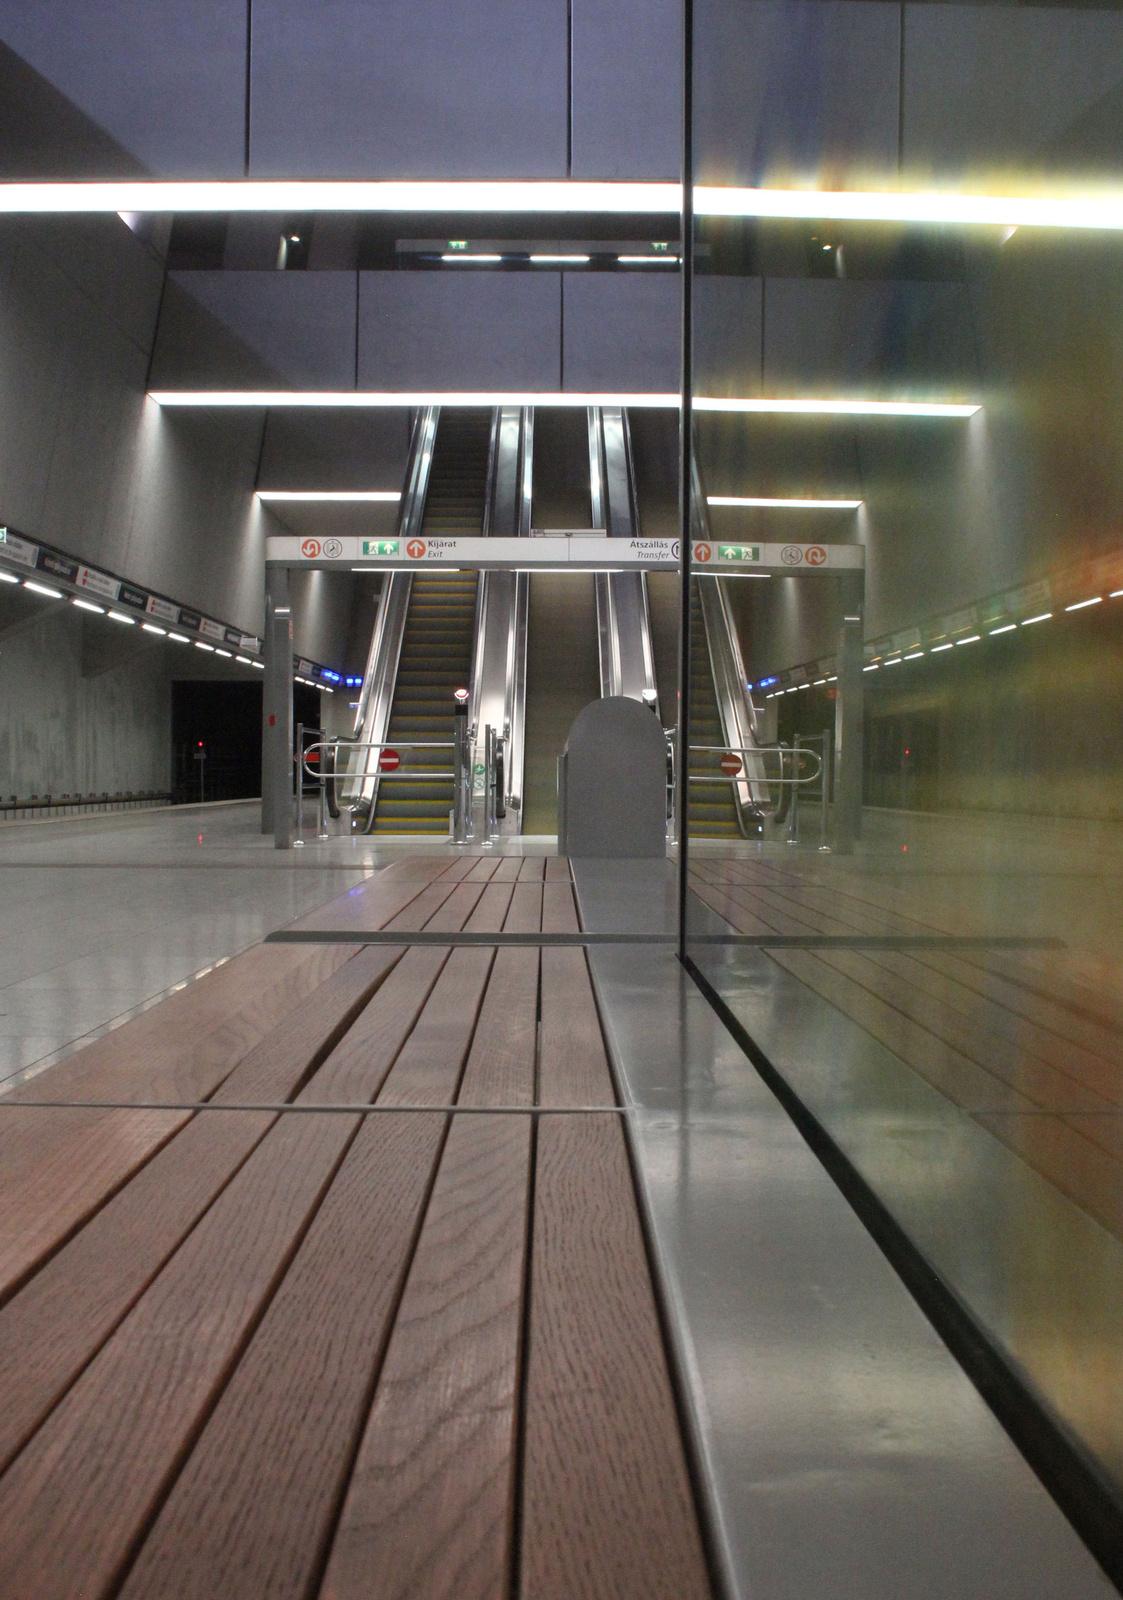 fovarosi.blog.hu: Metro4-BarossTer-20150419-10 - indafoto.hu